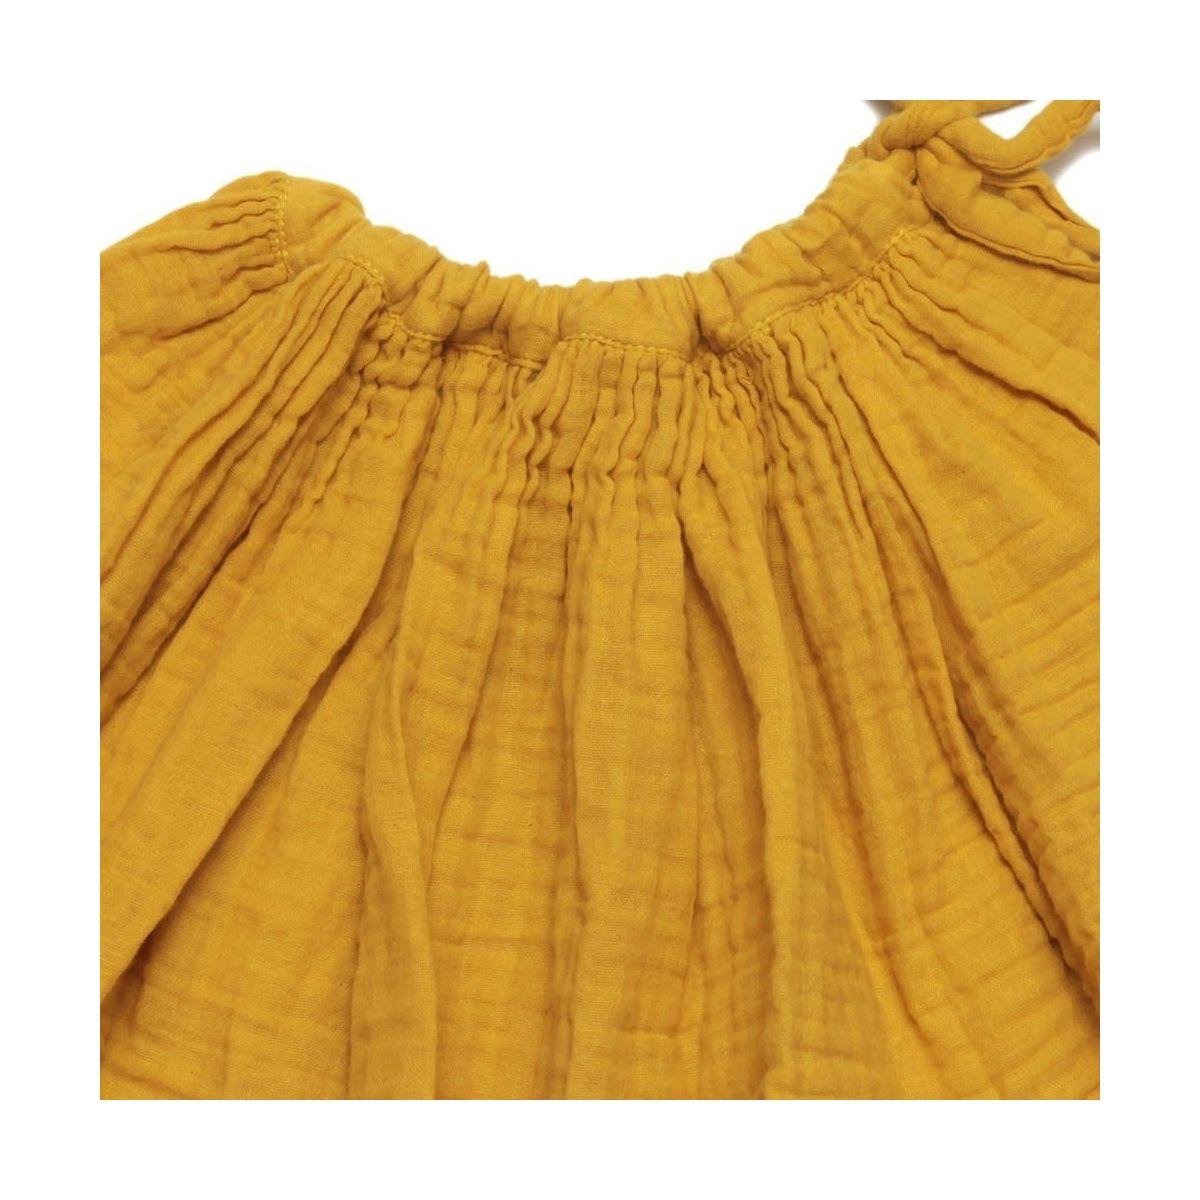 Spódnica dla nastolatek Tutu słoneczny żółty - Numero 74